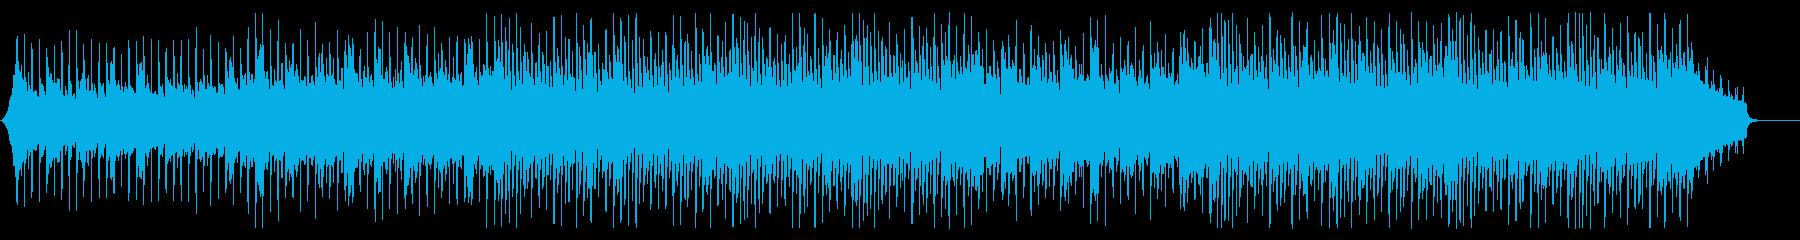 明るく爽やかなコーポレートBGMの再生済みの波形